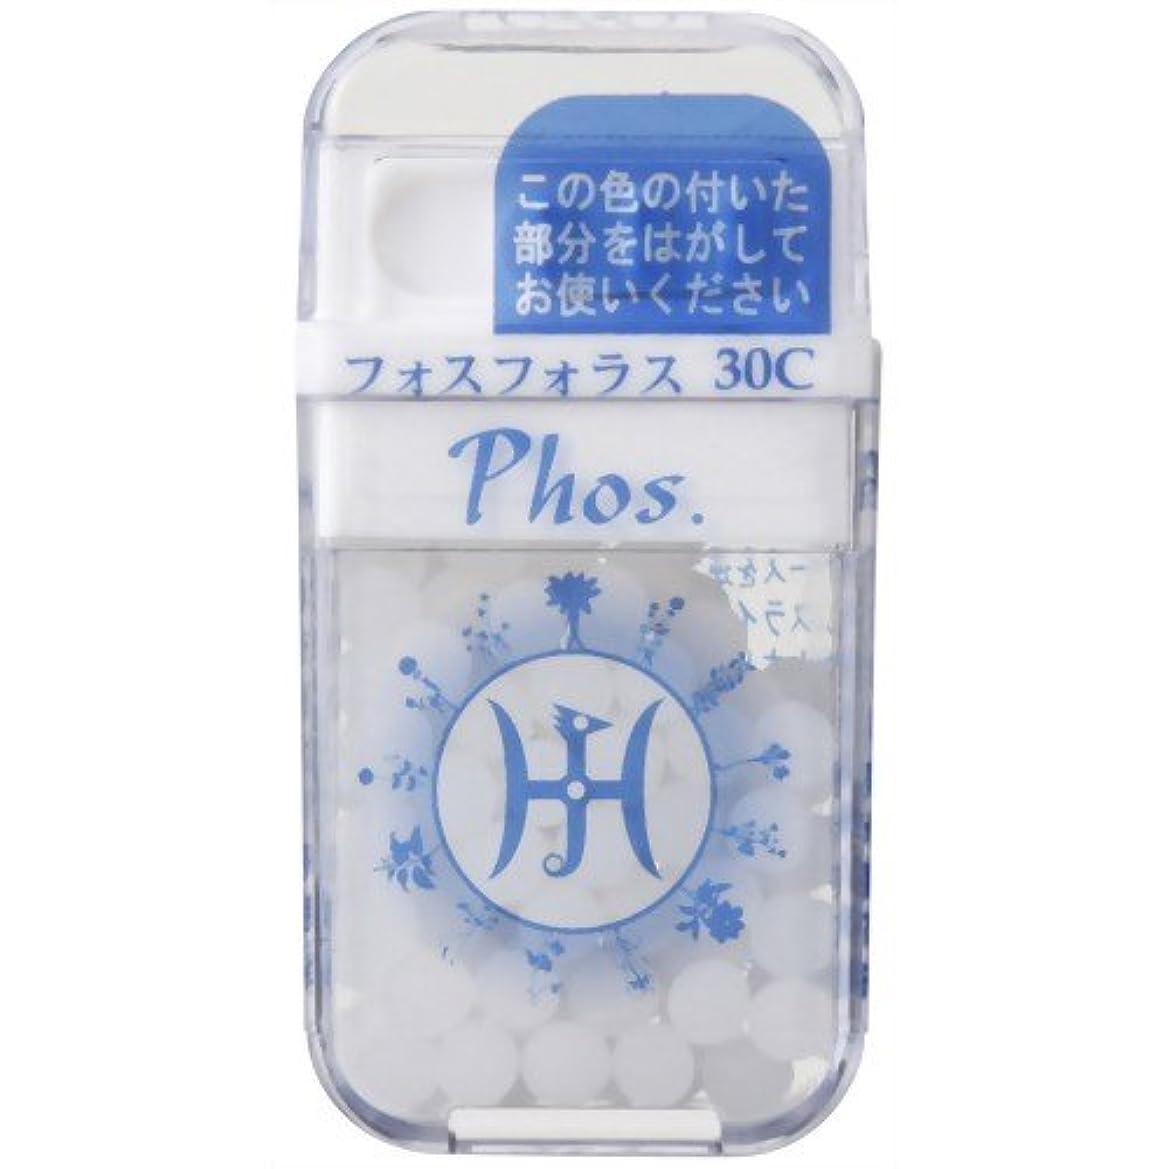 予防接種する植生行政ホメオパシージャパンレメディー Phos.  フォスフォラス 30C (大ビン)